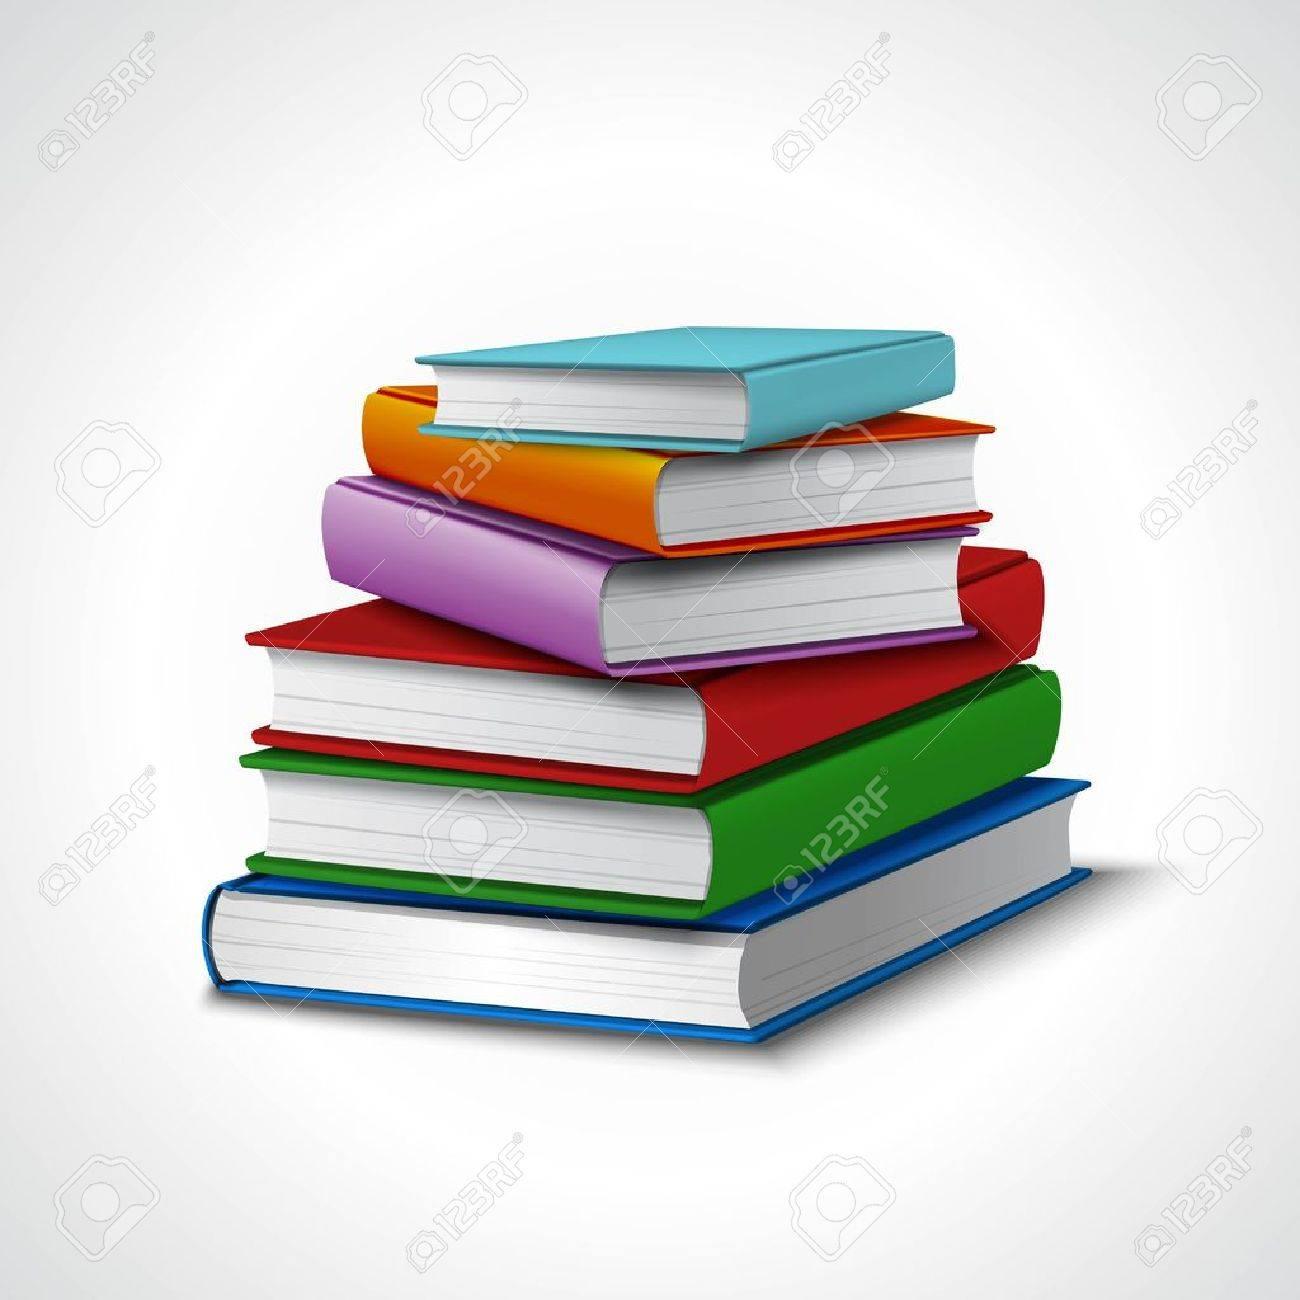 着色された現実的なスタック学校図書館教育概念ベクトル挿絵